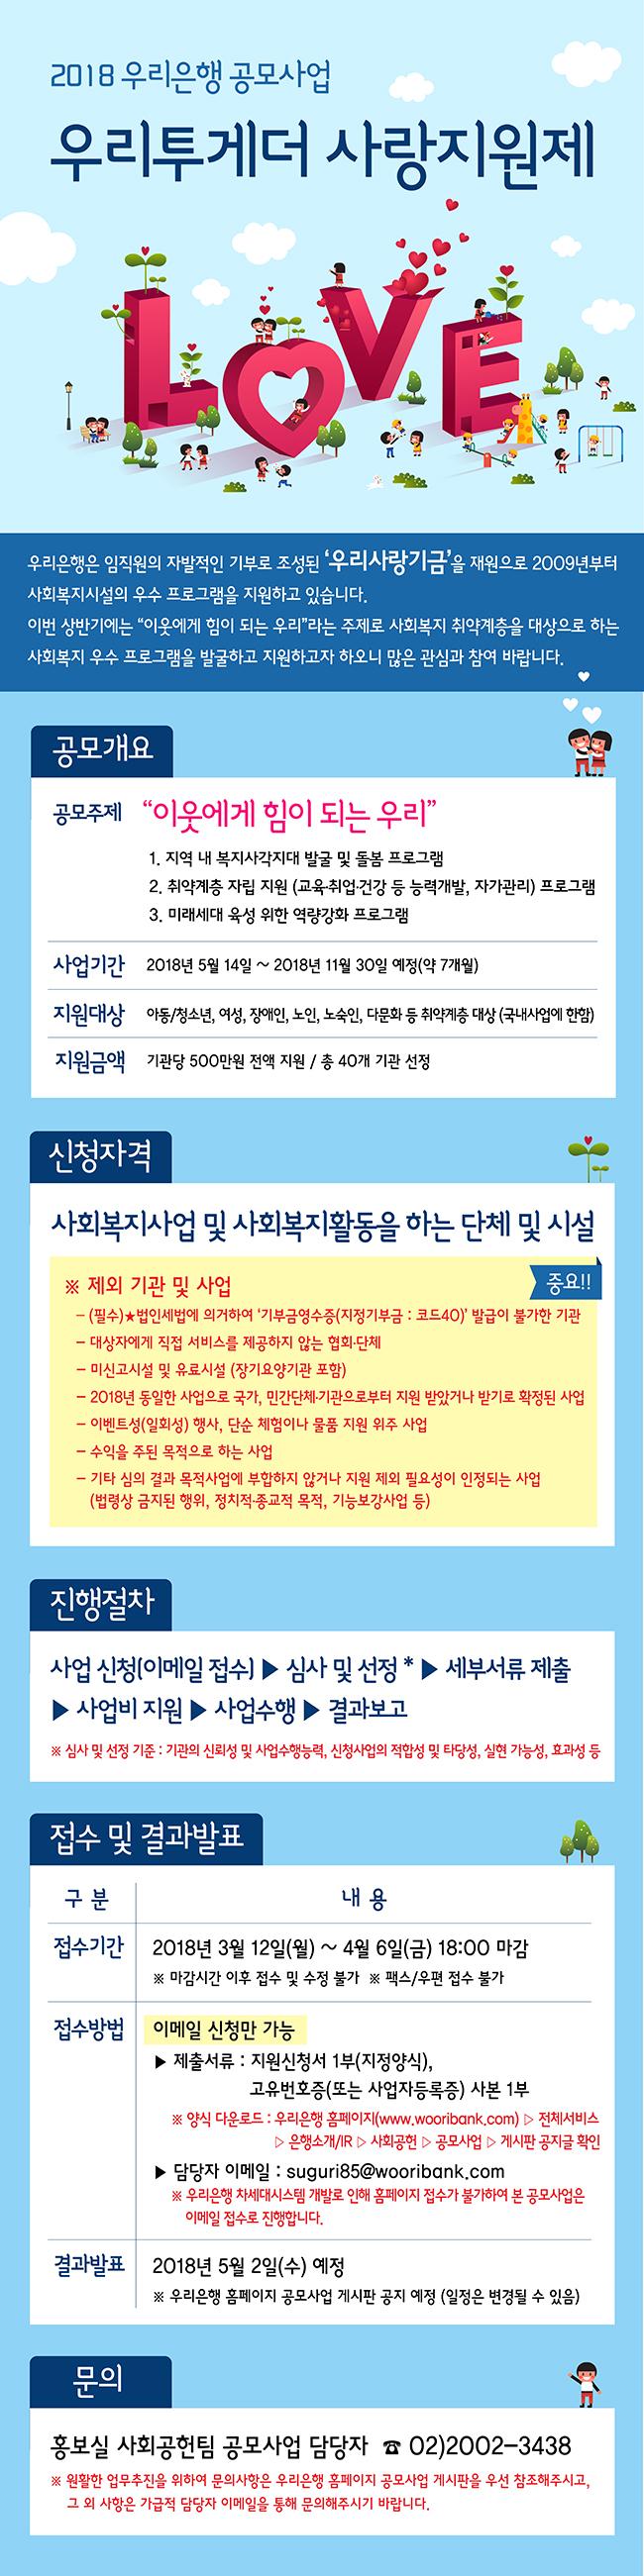 (180305) 2018 우리투게더 사랑지원제 최종.jpg